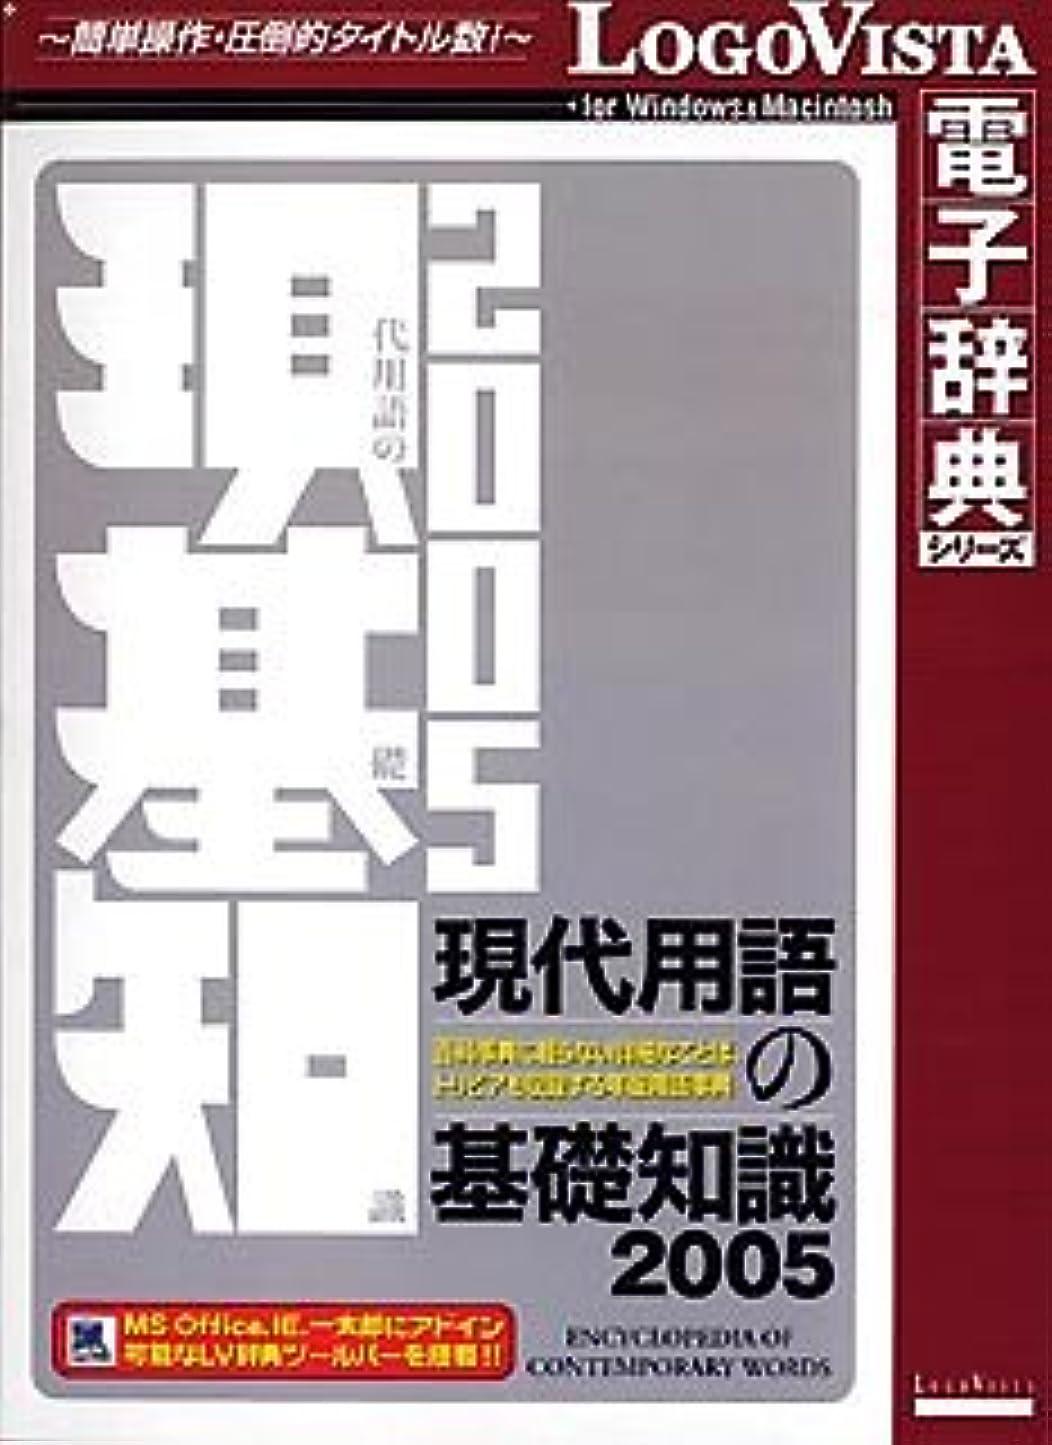 人気宣言する正規化現代用語の基礎知識2005